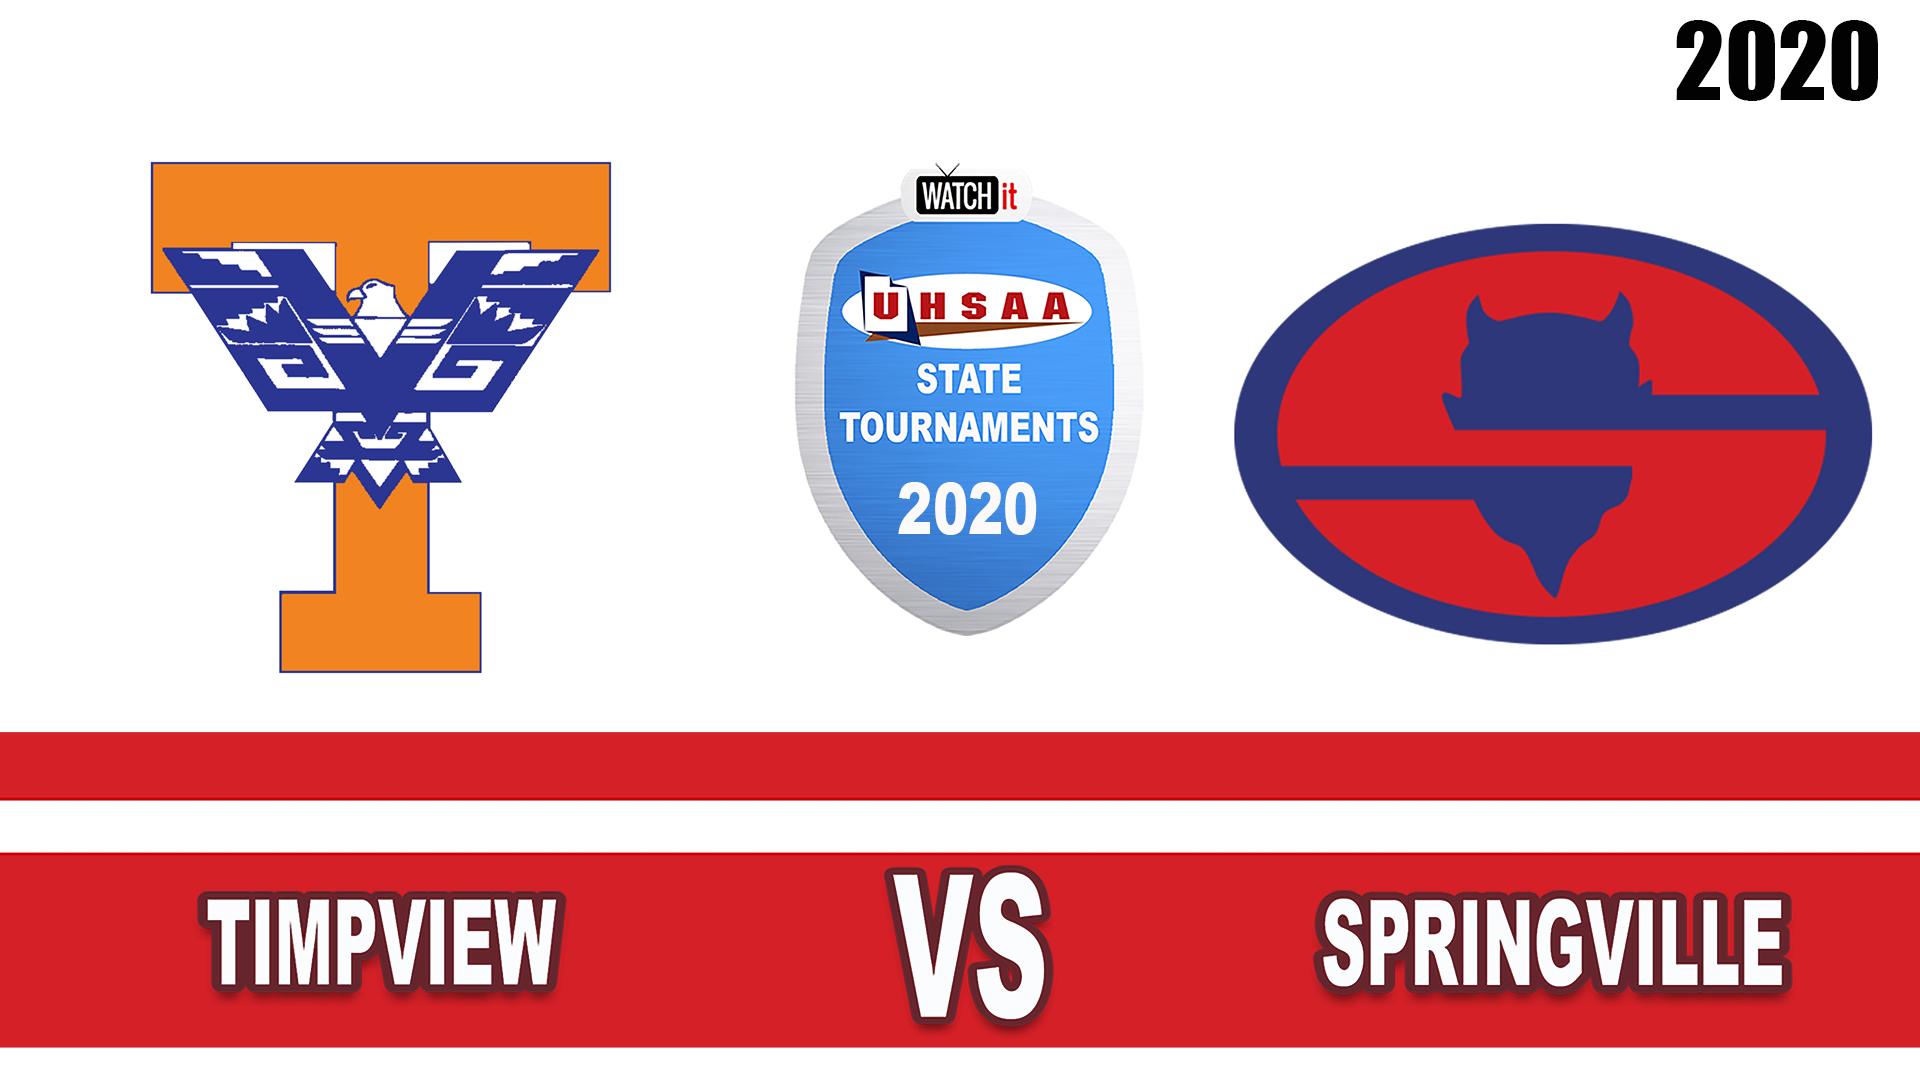 Timpview vs Springville